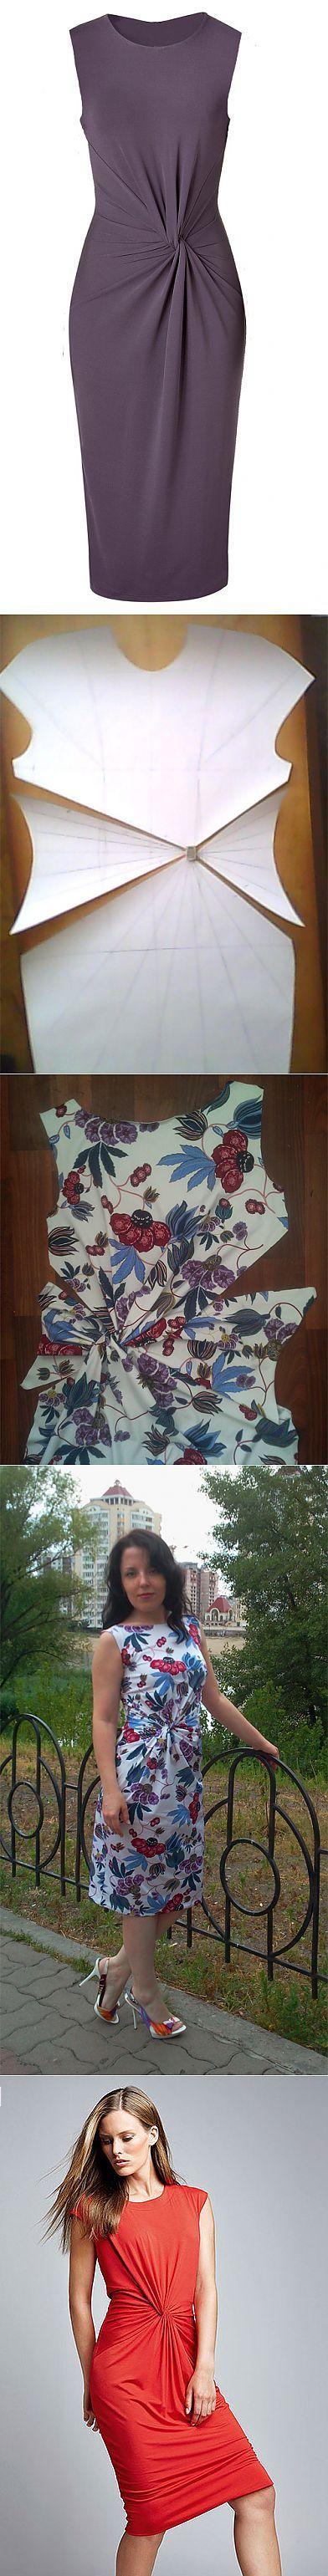 Replay Vestido de Michael Kors (Bricolaje) / patrones simples /